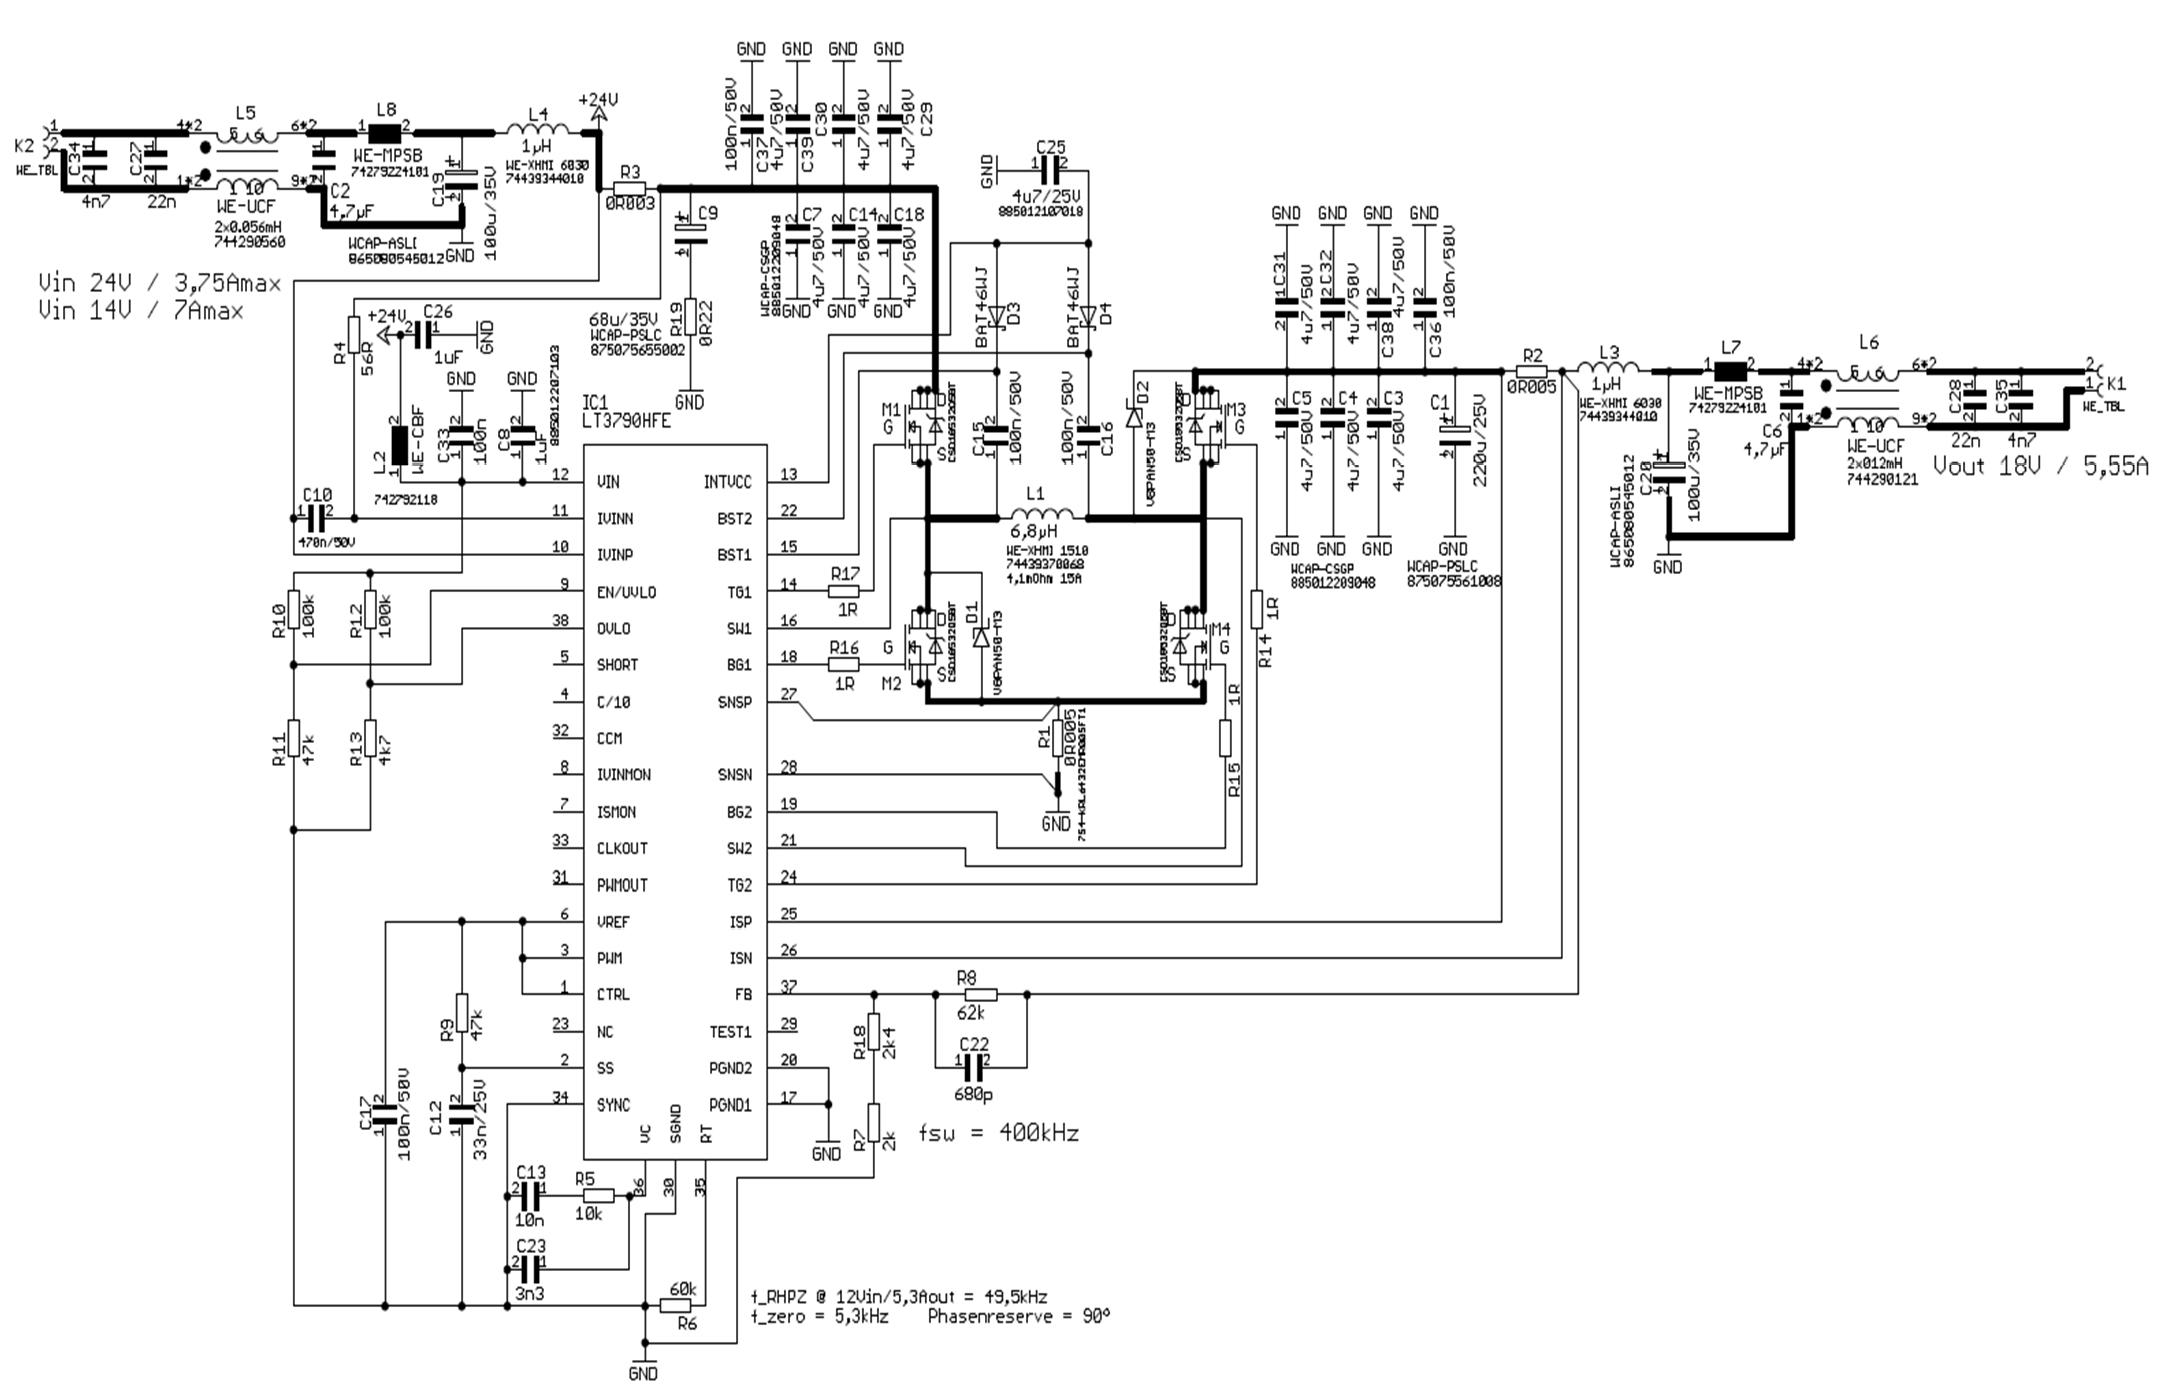 图7:100W升降压转换器电路图(包括所有滤波器器件)